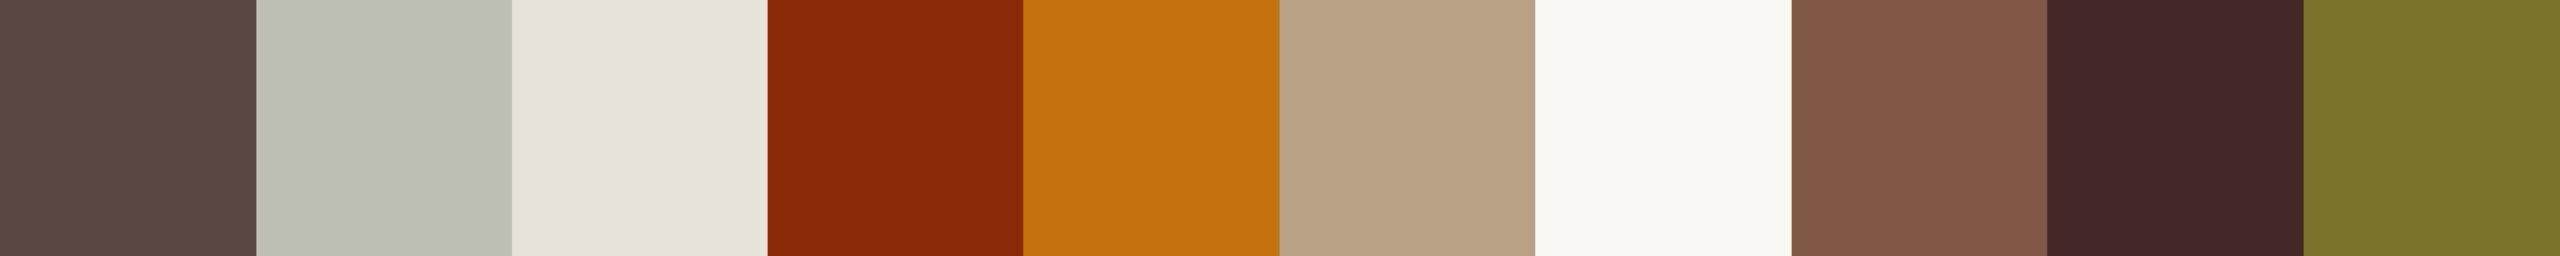 257 Oxyparia Color Palette